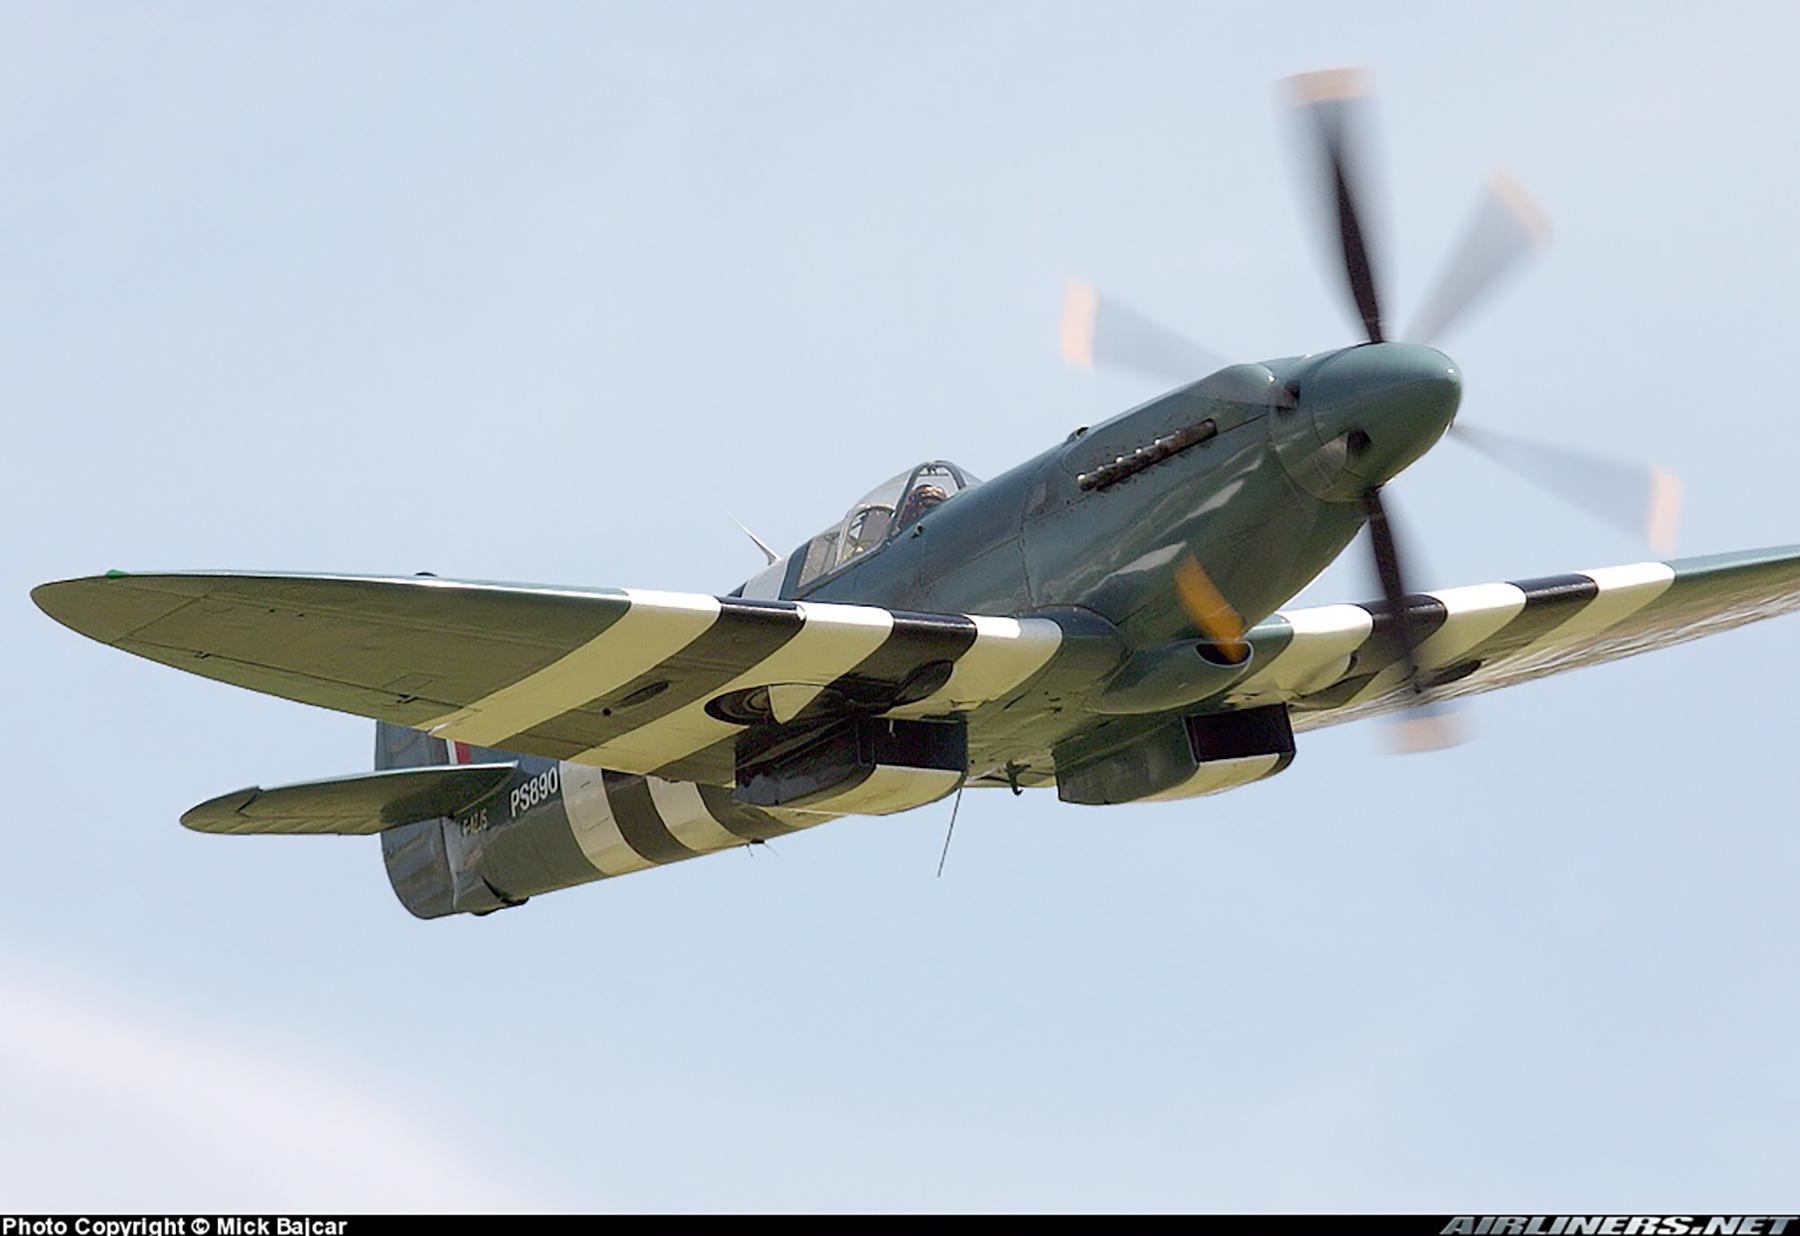 Airworthy Spitfire warbird PRXIX RAF PS890 F AZJS 06